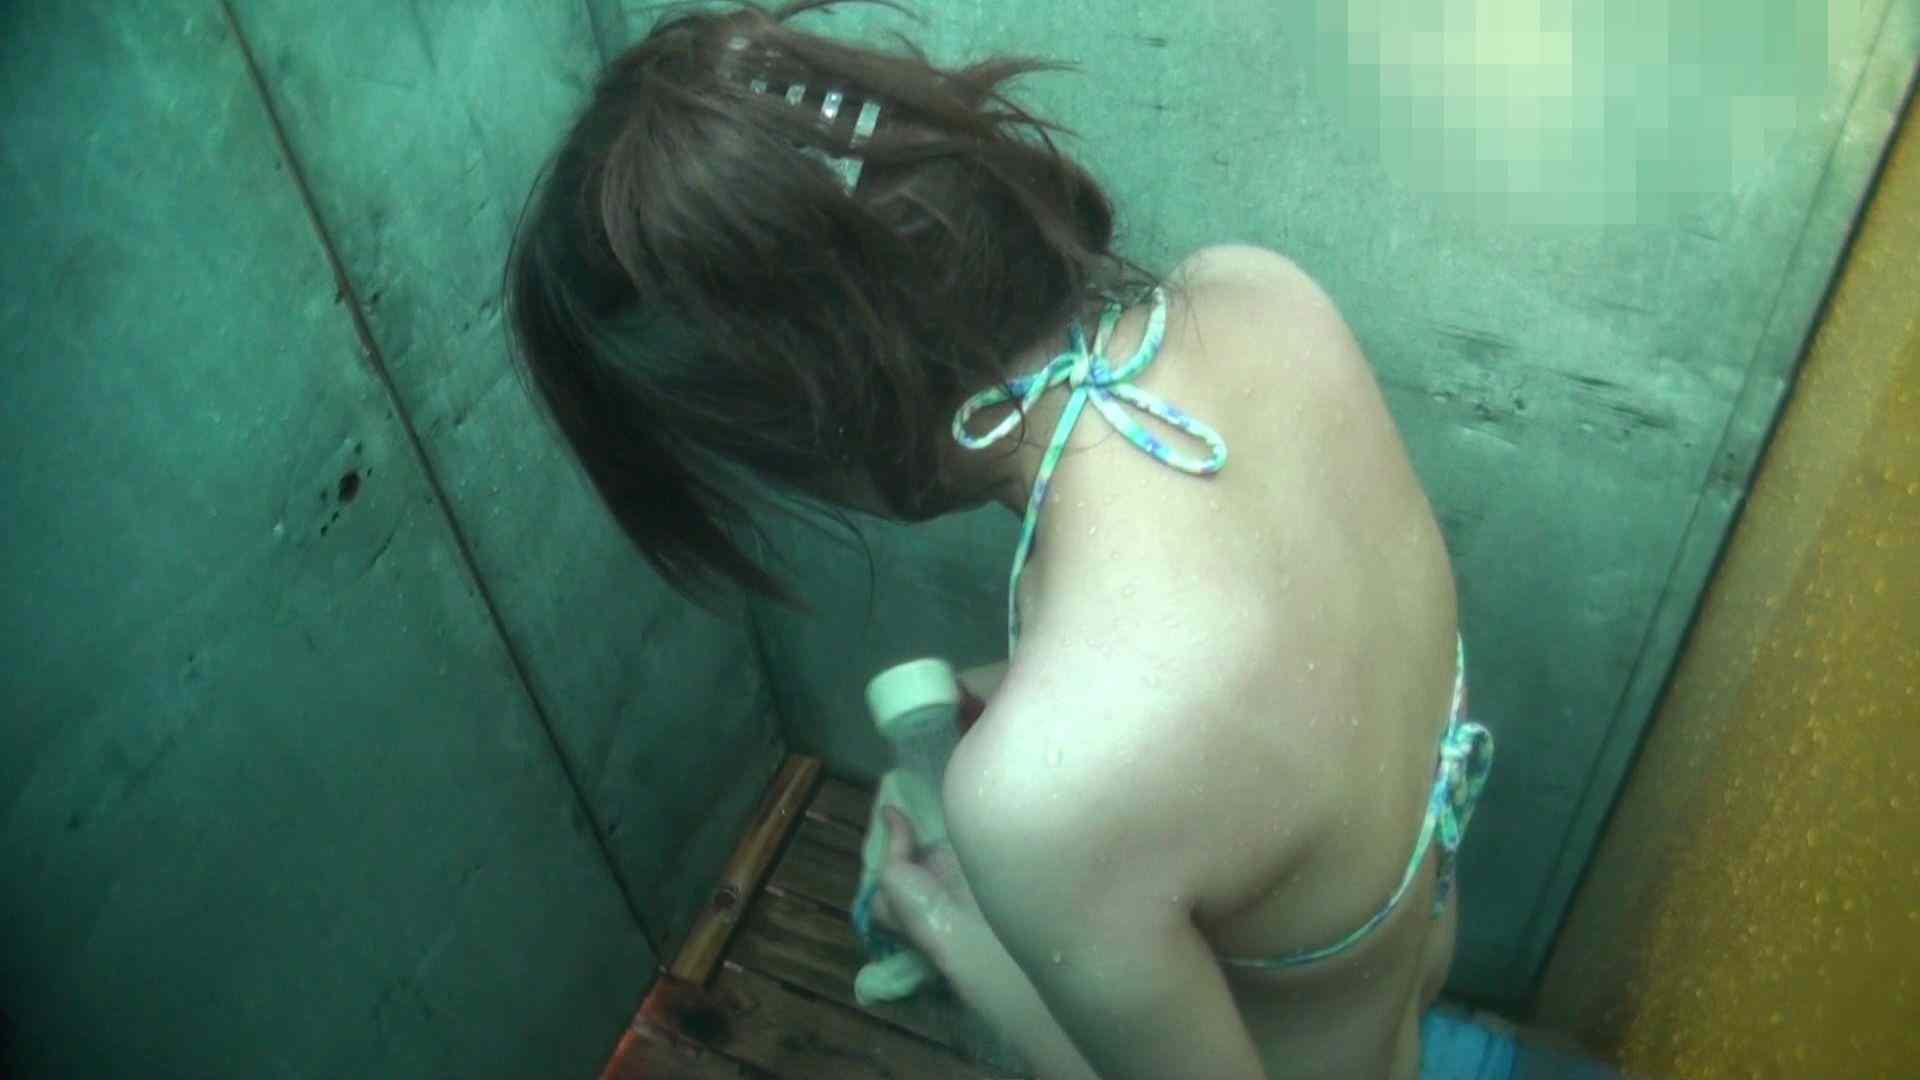 シャワールームは超!!危険な香りVol.15 残念ですが乳首未確認 マンコの砂は入念に シャワー 盗撮動画紹介 48連発 19